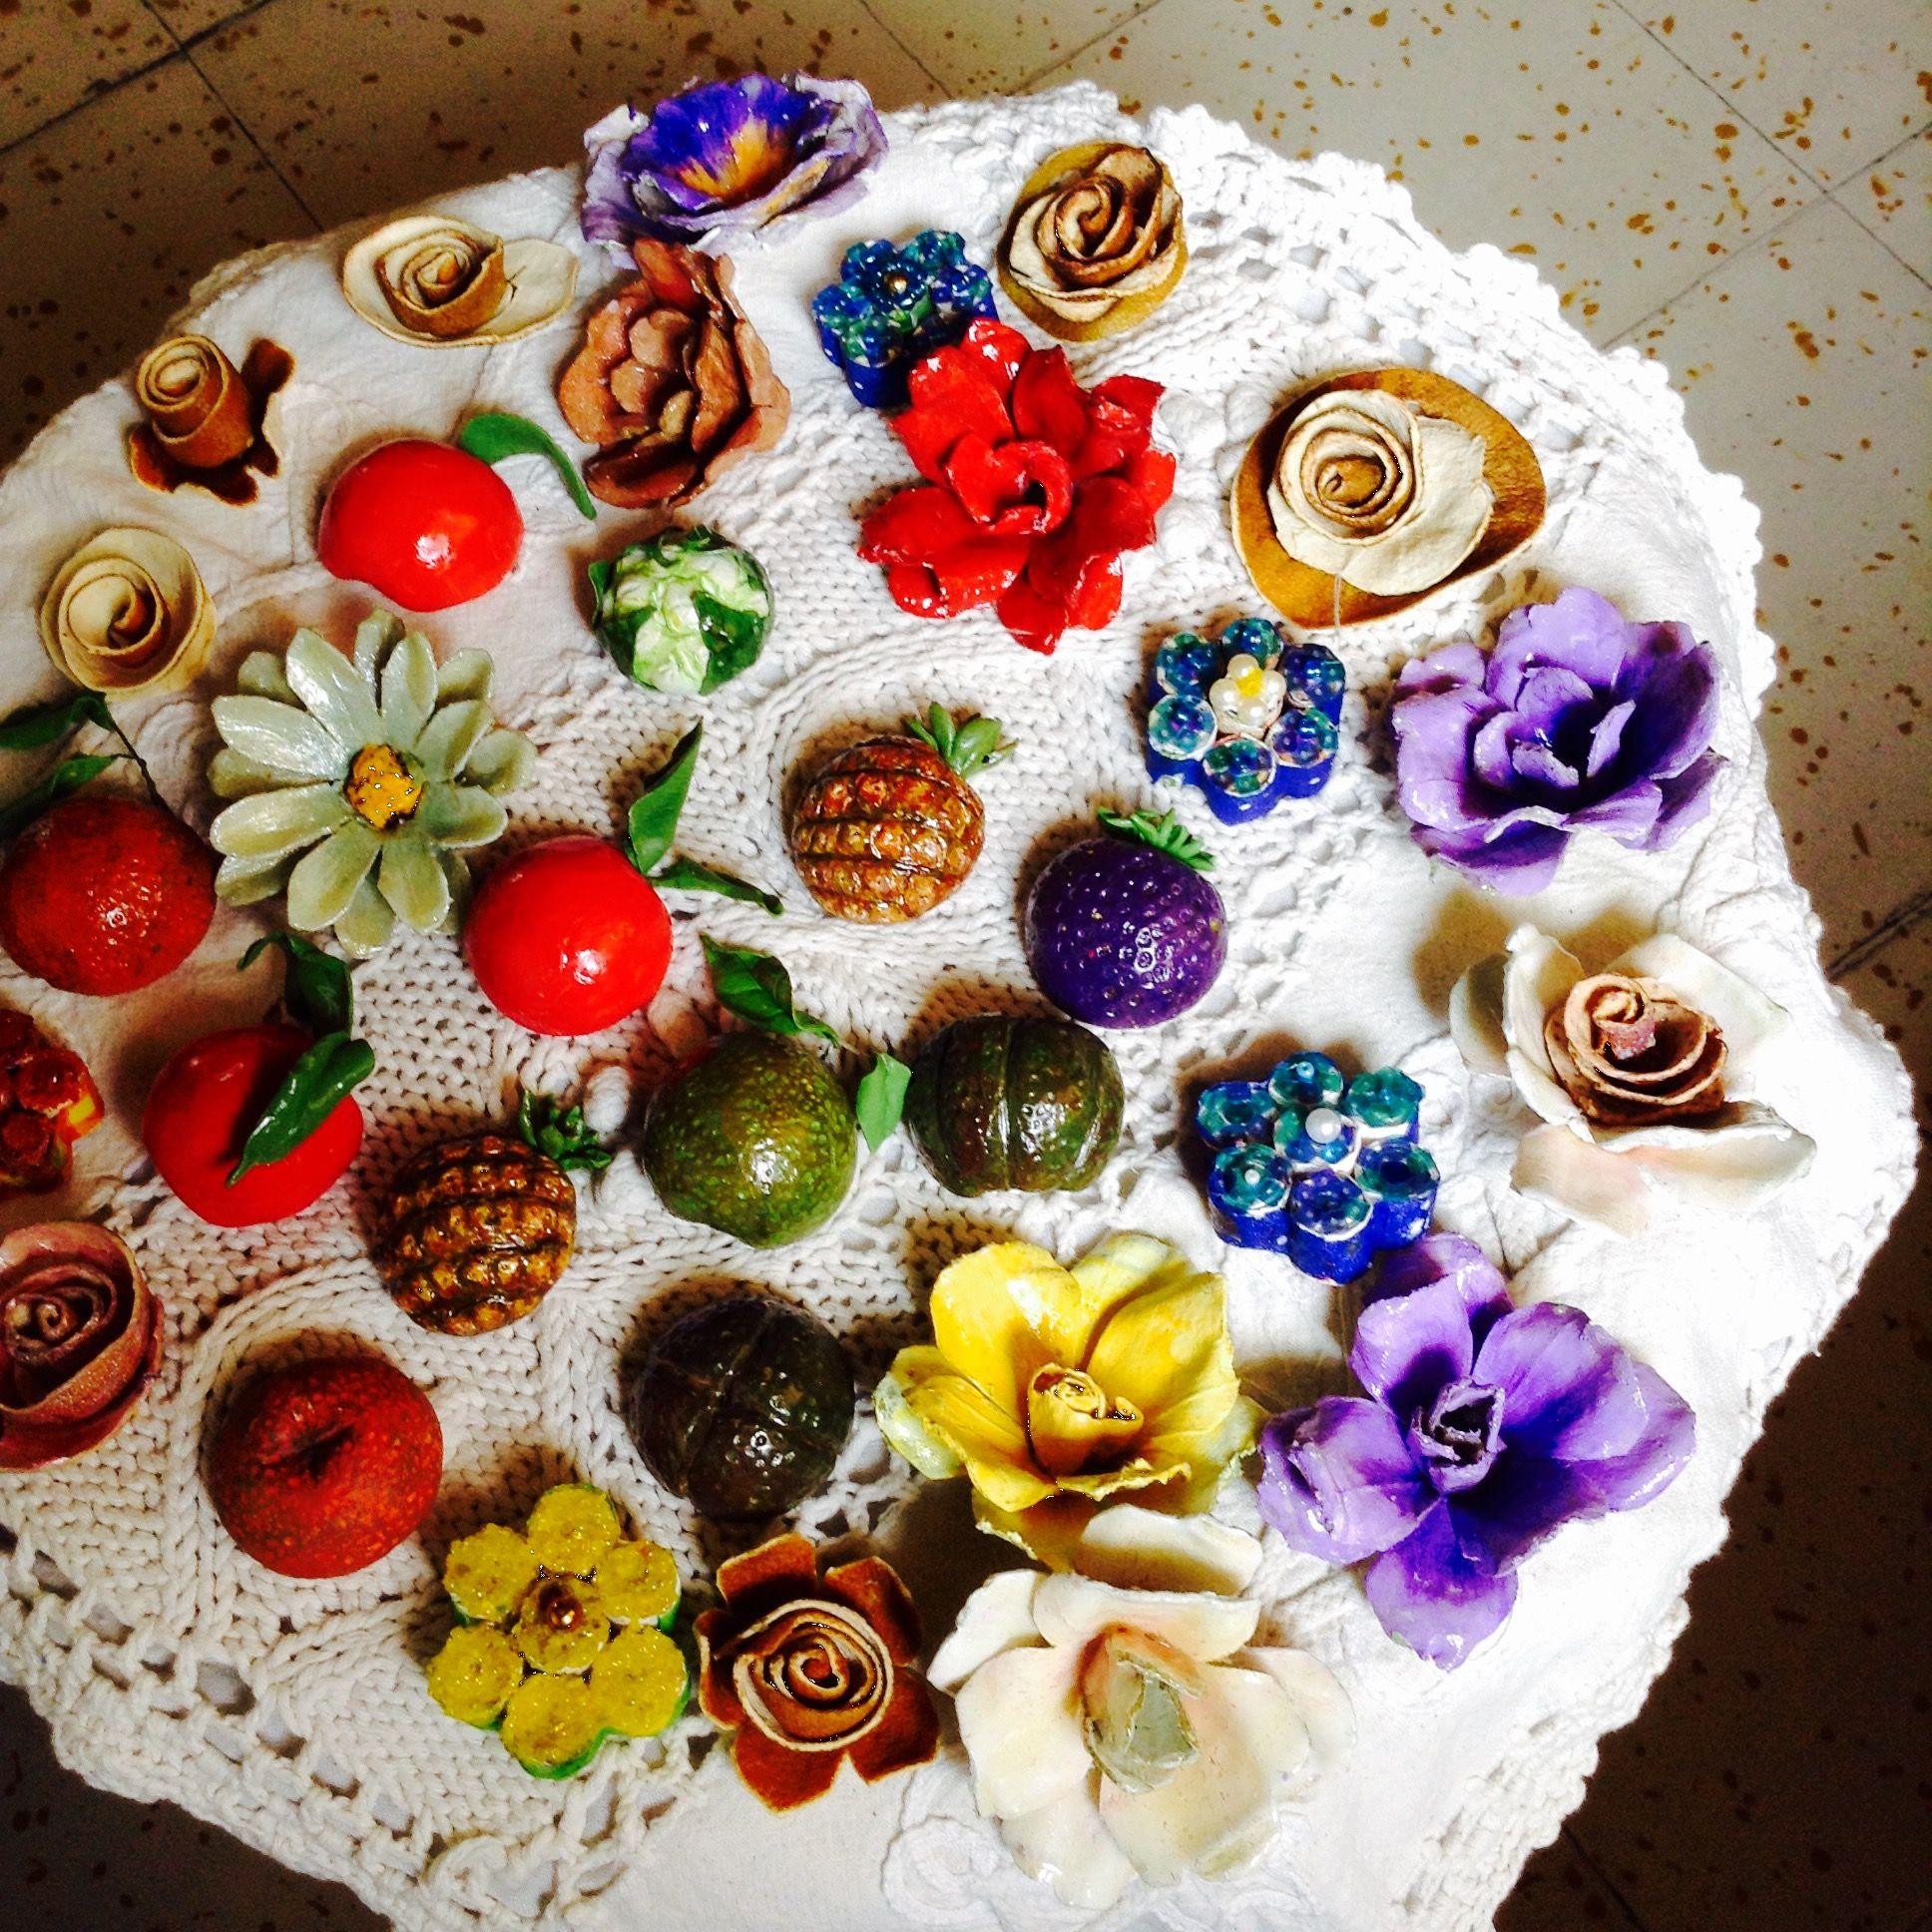 Flores y frutillas elaboradas en cart n de huevos y - Manualidades en carton ...